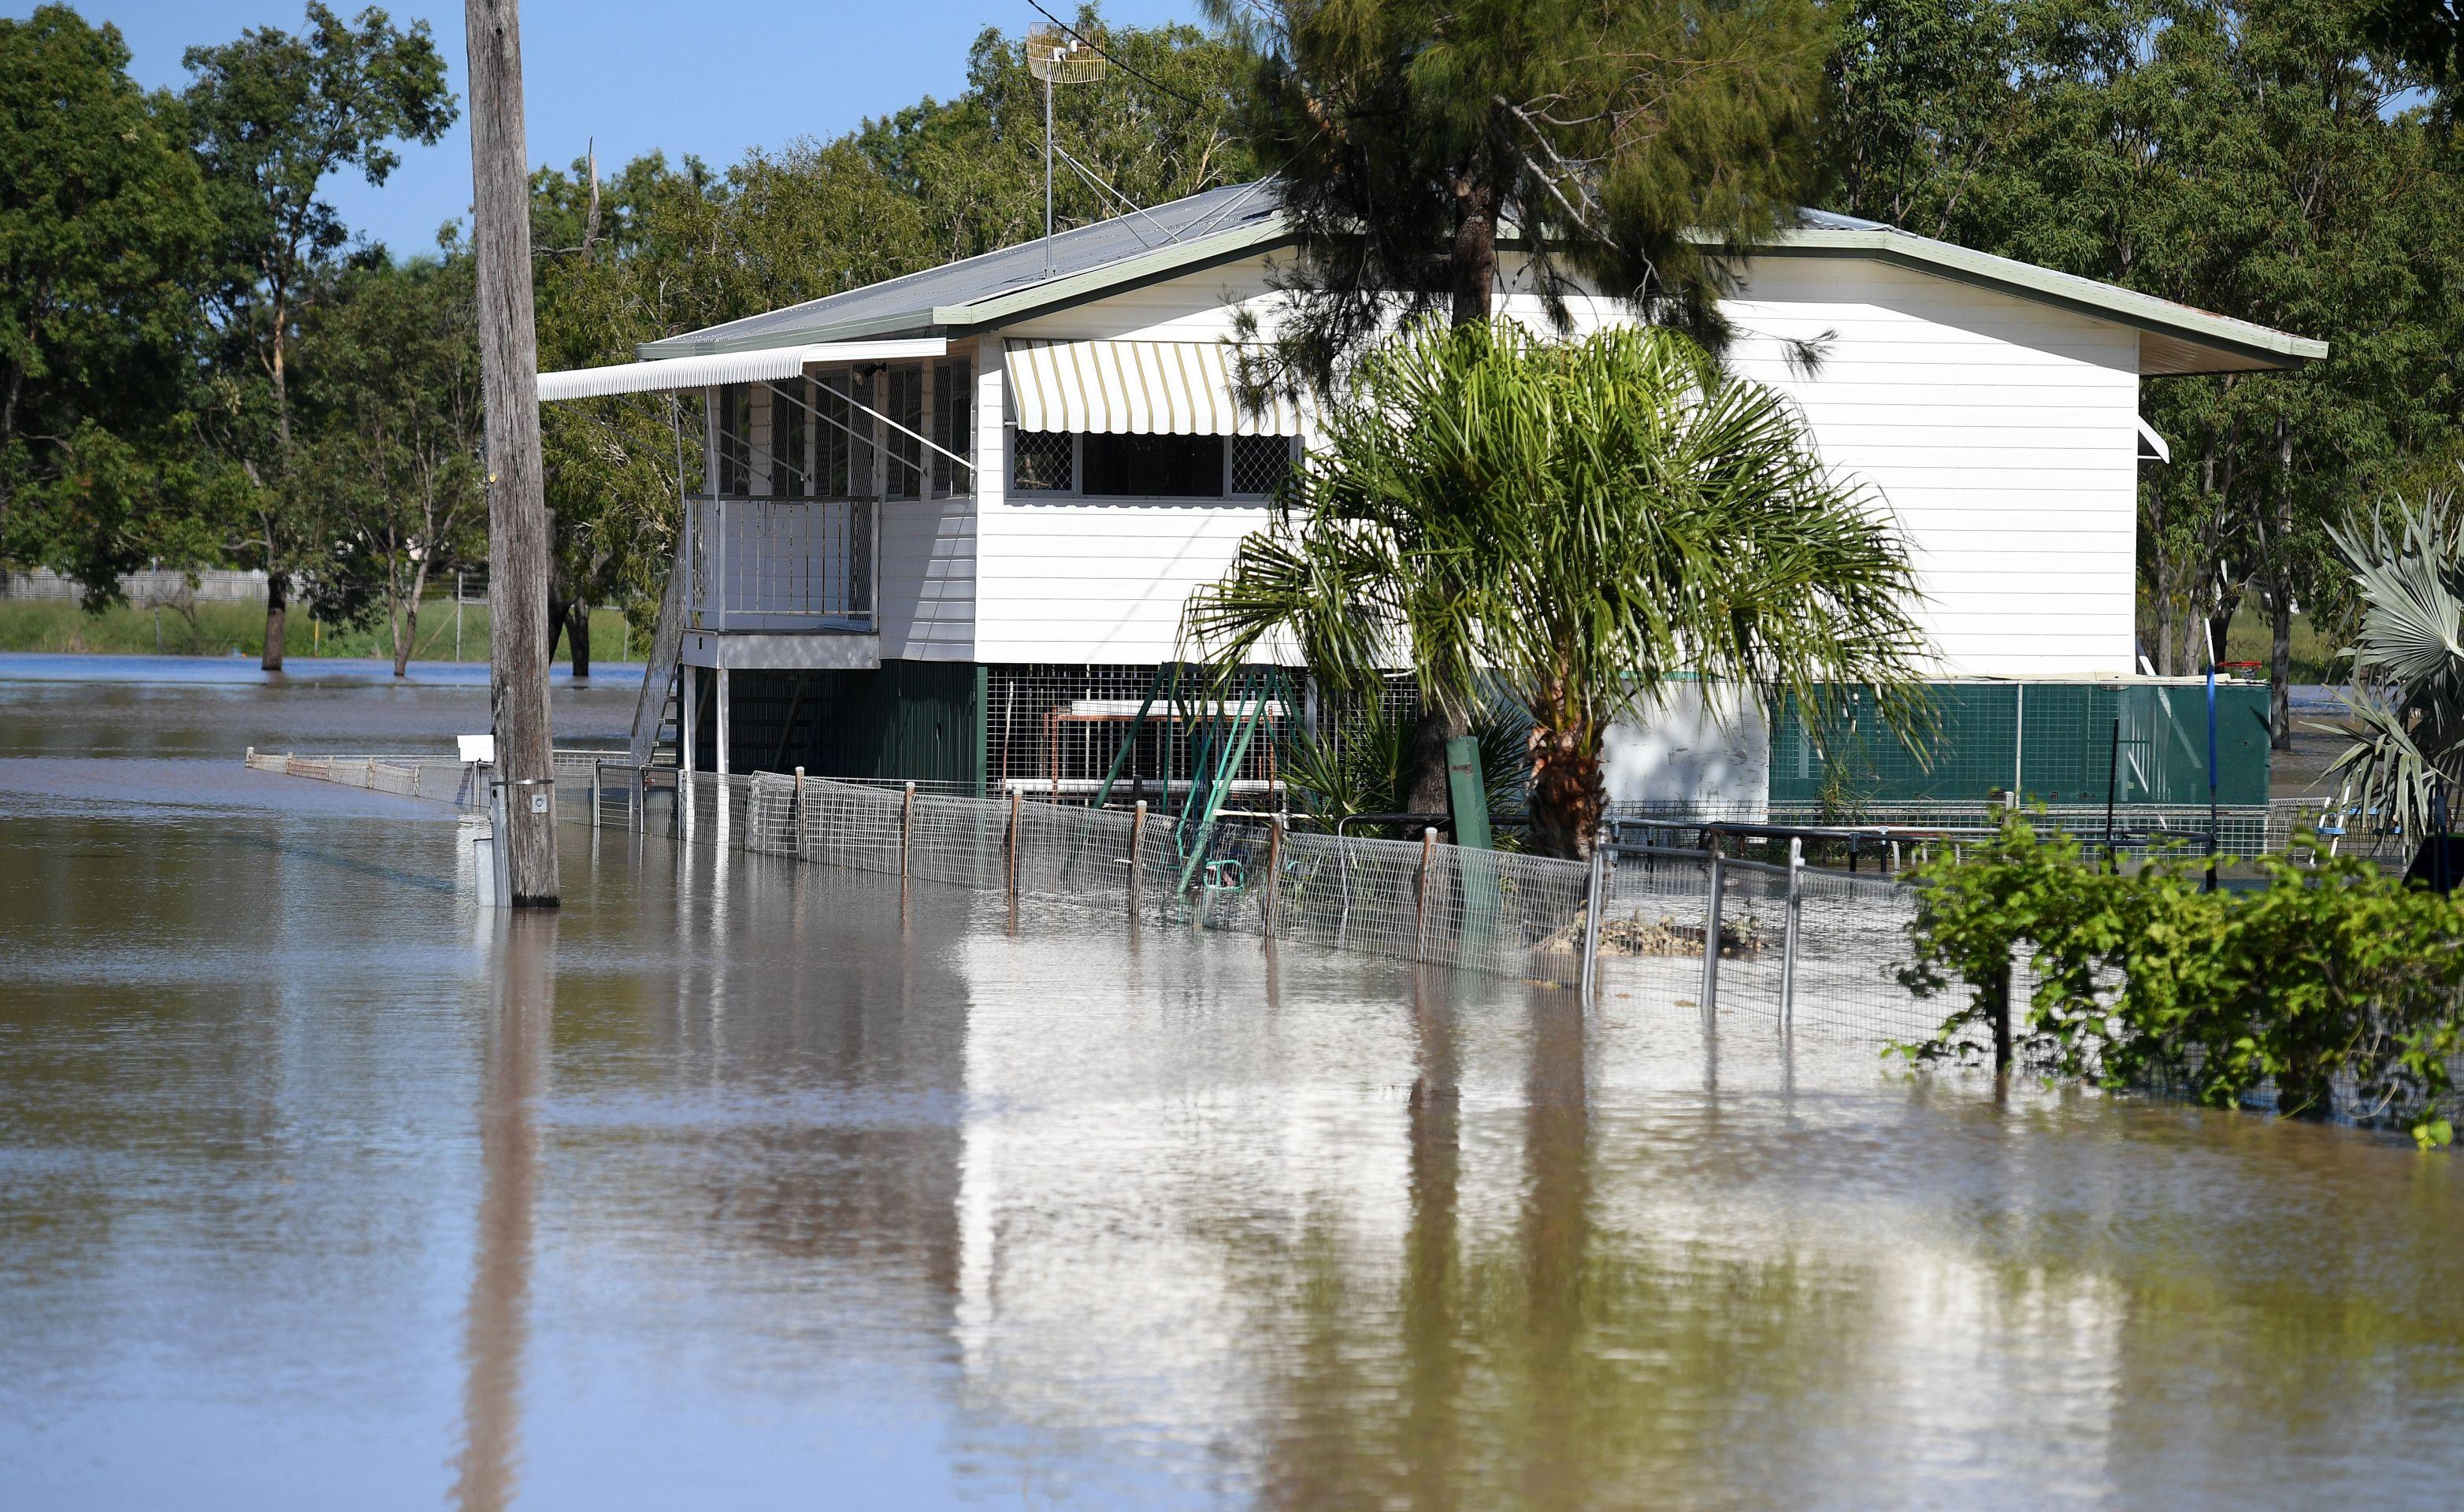 POPLAVE U AUSTRALIJI Uragan Debbie i bujice vode odnijeli još tri života